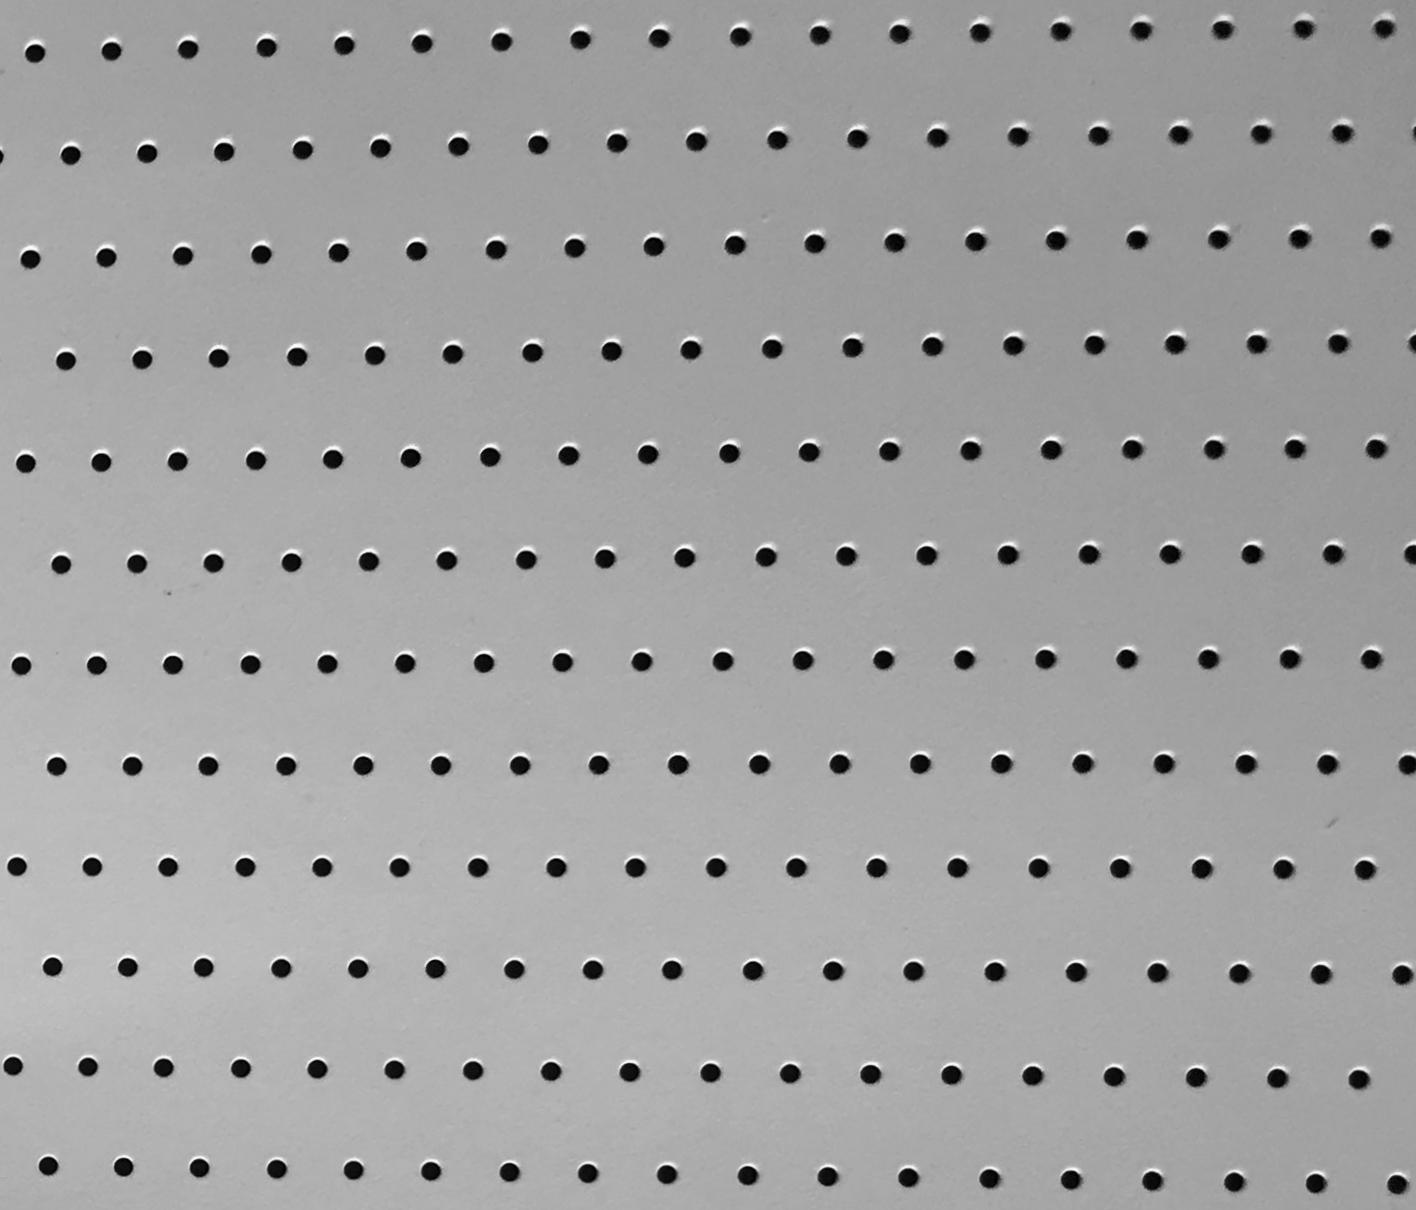 perf pattern.jpg